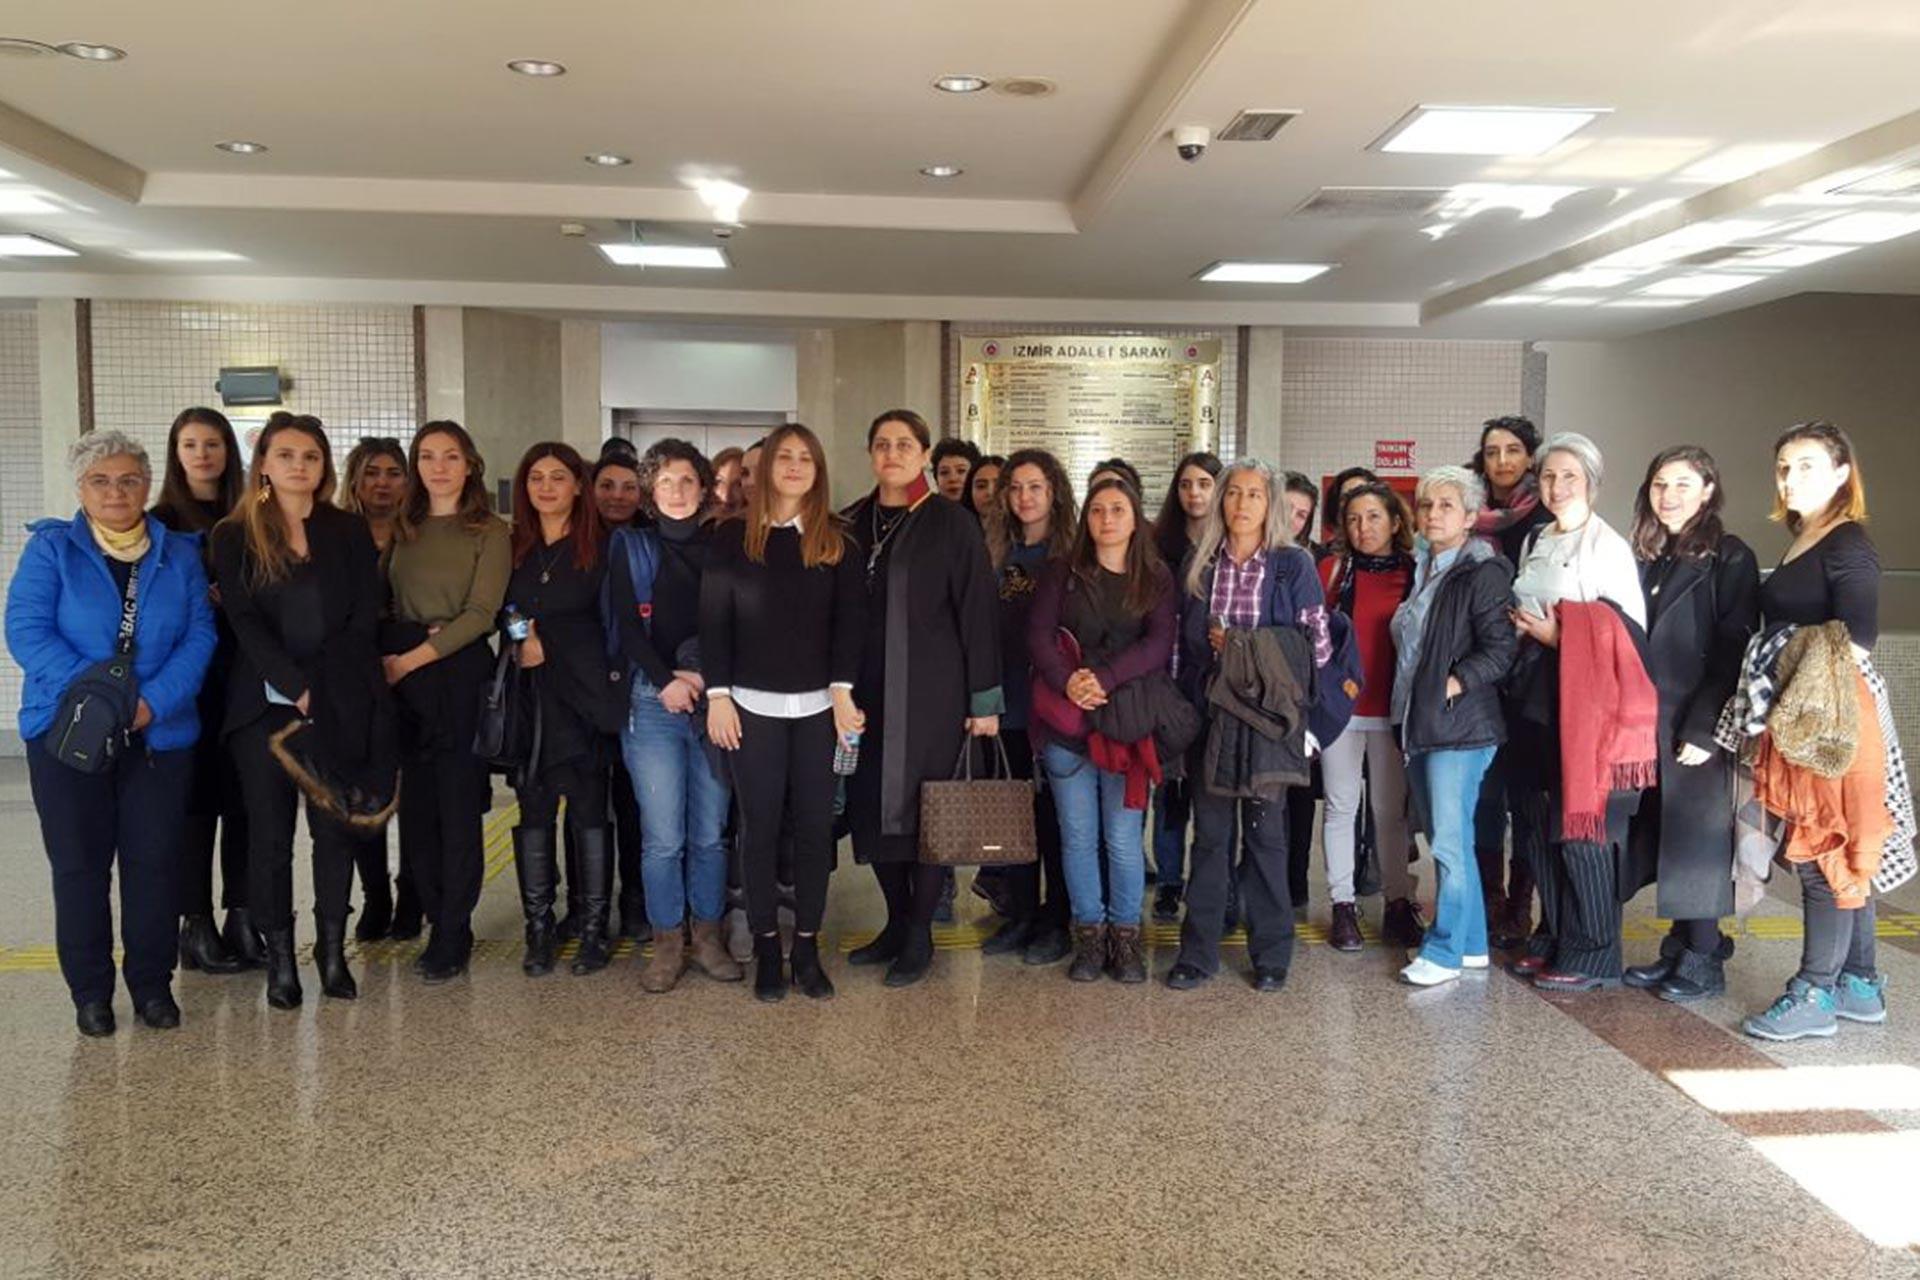 İzmir'de mimarlık ofisinde taciz iddiasına ilişkin davanın ilk duruşmasına birçok kadın örgütü kaltıldı.